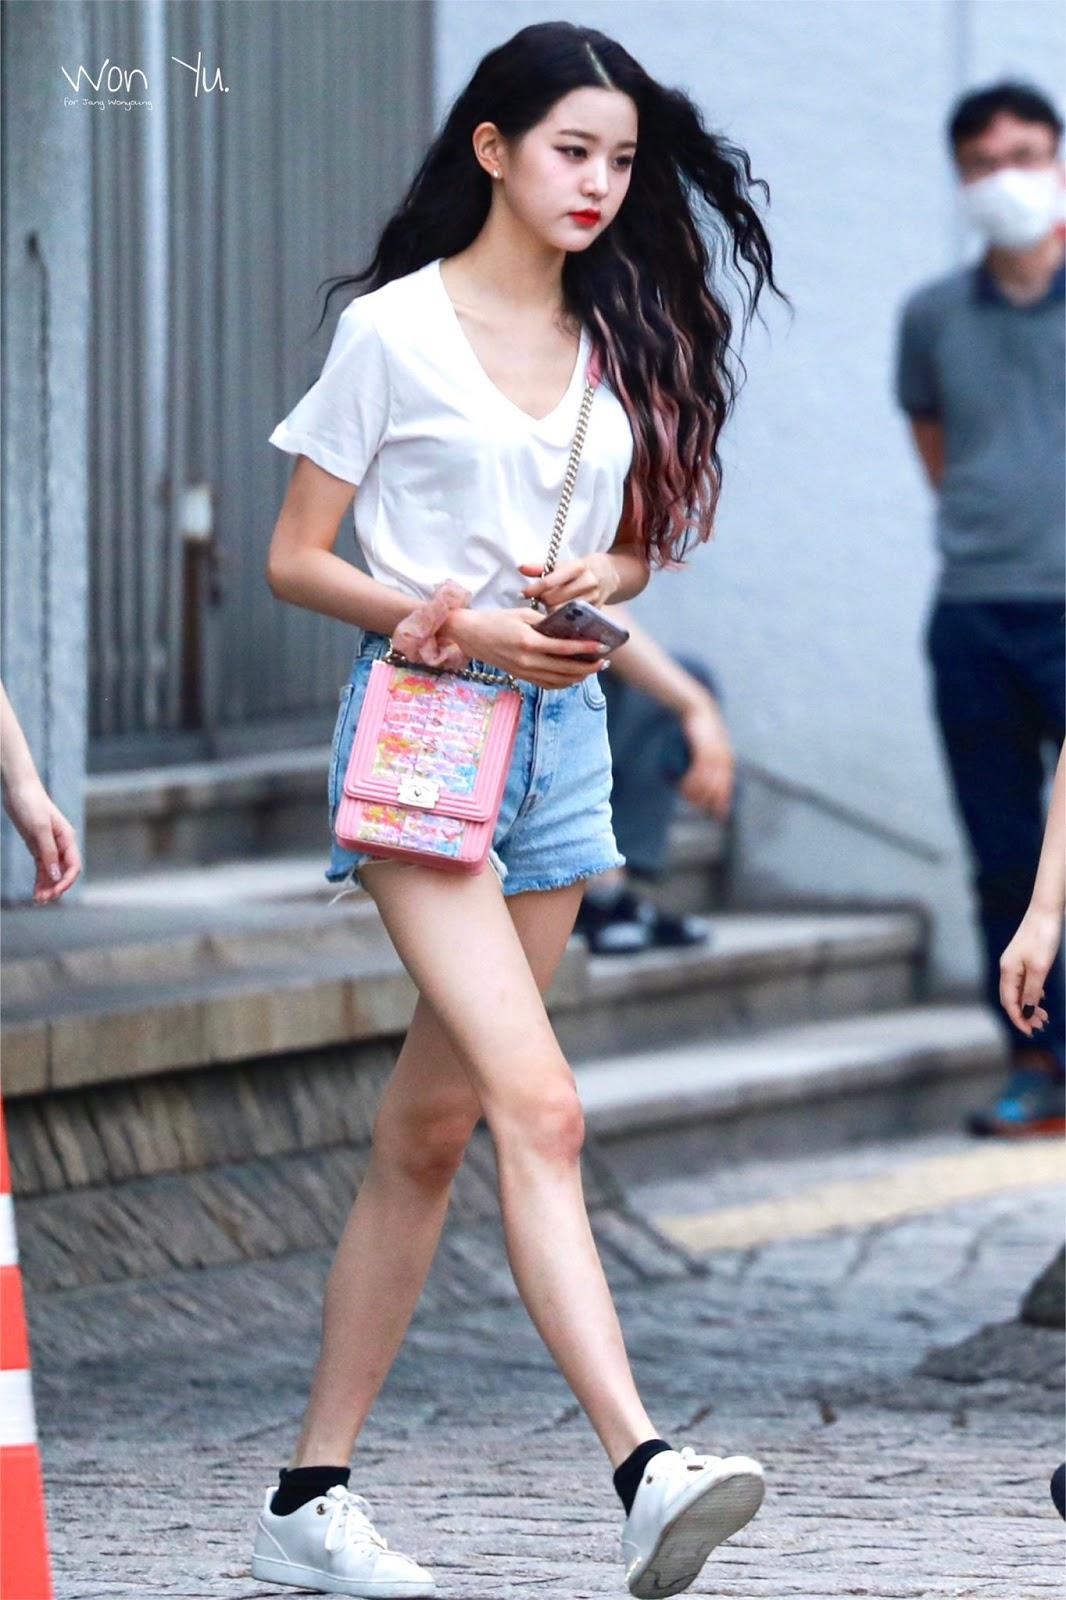 상체가 예의상 있는 듯한 여자 아이돌.jpgif - 인스티즈(instiz) 인티포털